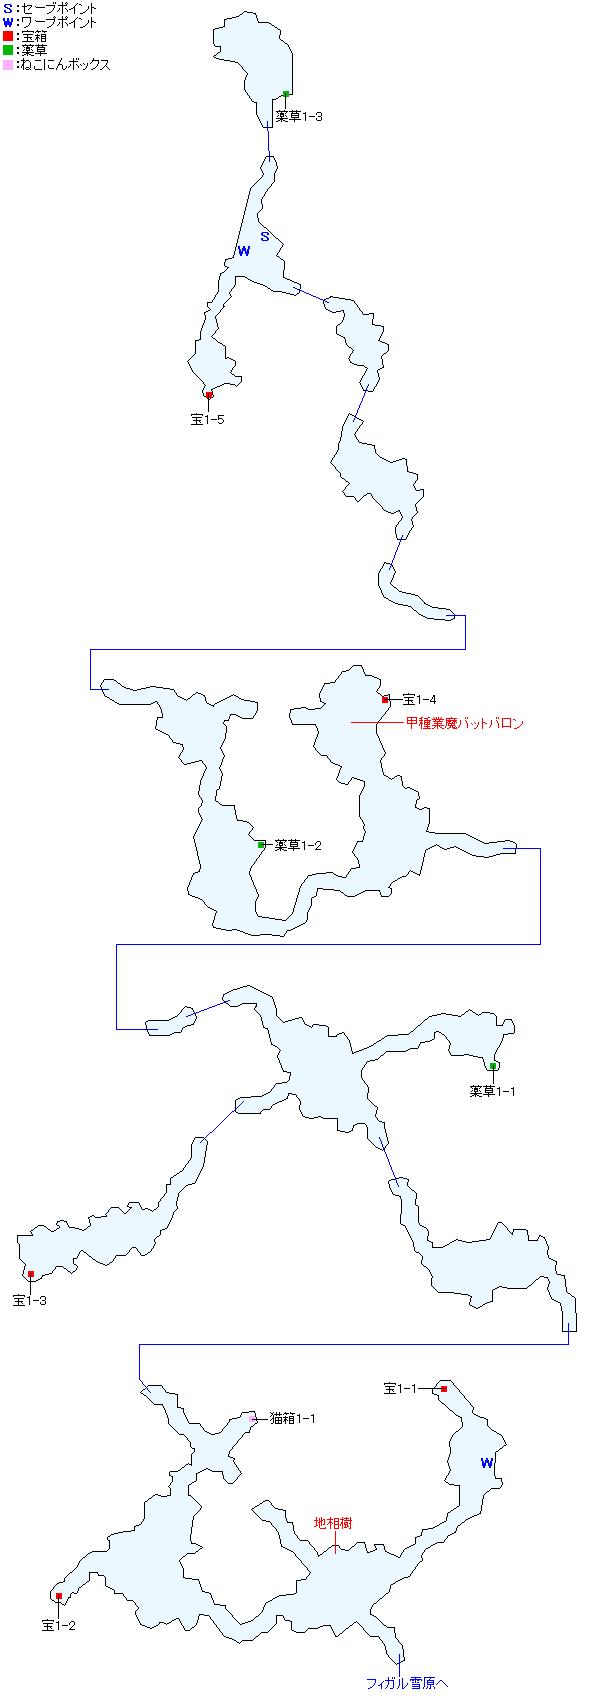 ハドロウ沼窟マップ